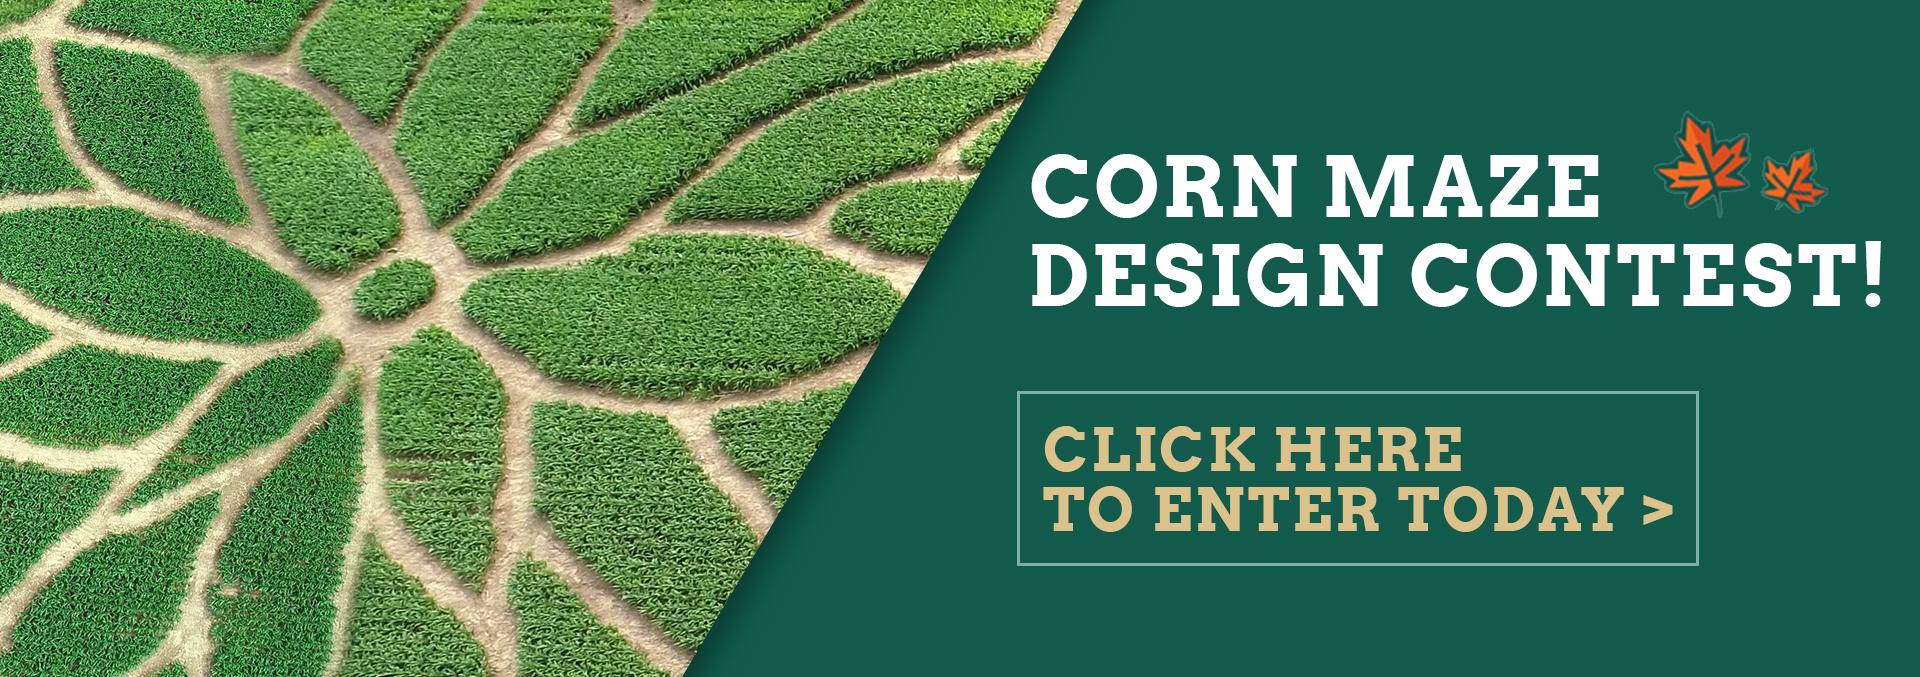 LDBS_Corn-Maze-Contest_Web-Banner